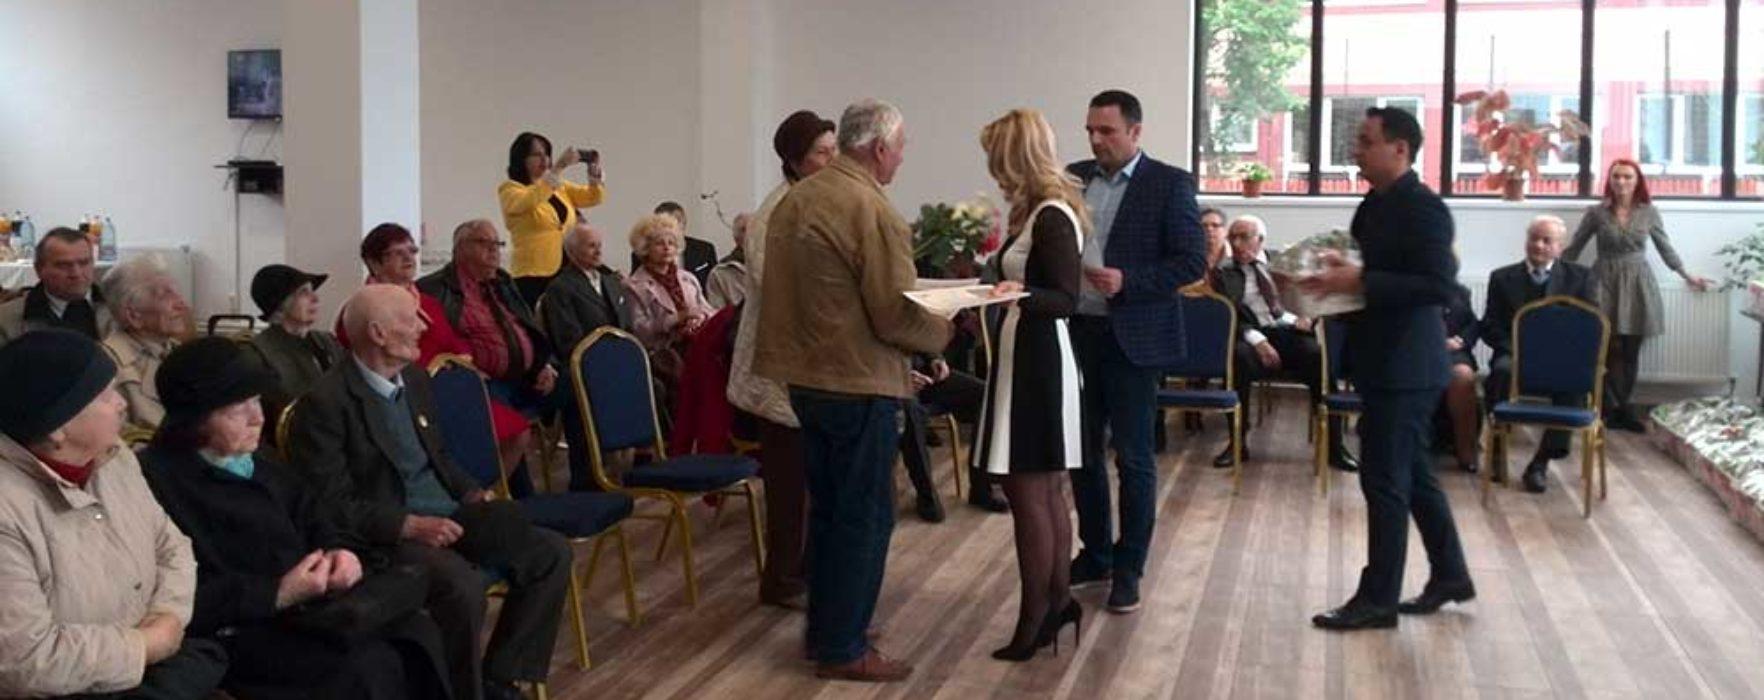 Târgovişte: Daruri pentru cuplurile care au împlinit 50 de ani de căsătorie şi veteranii de război